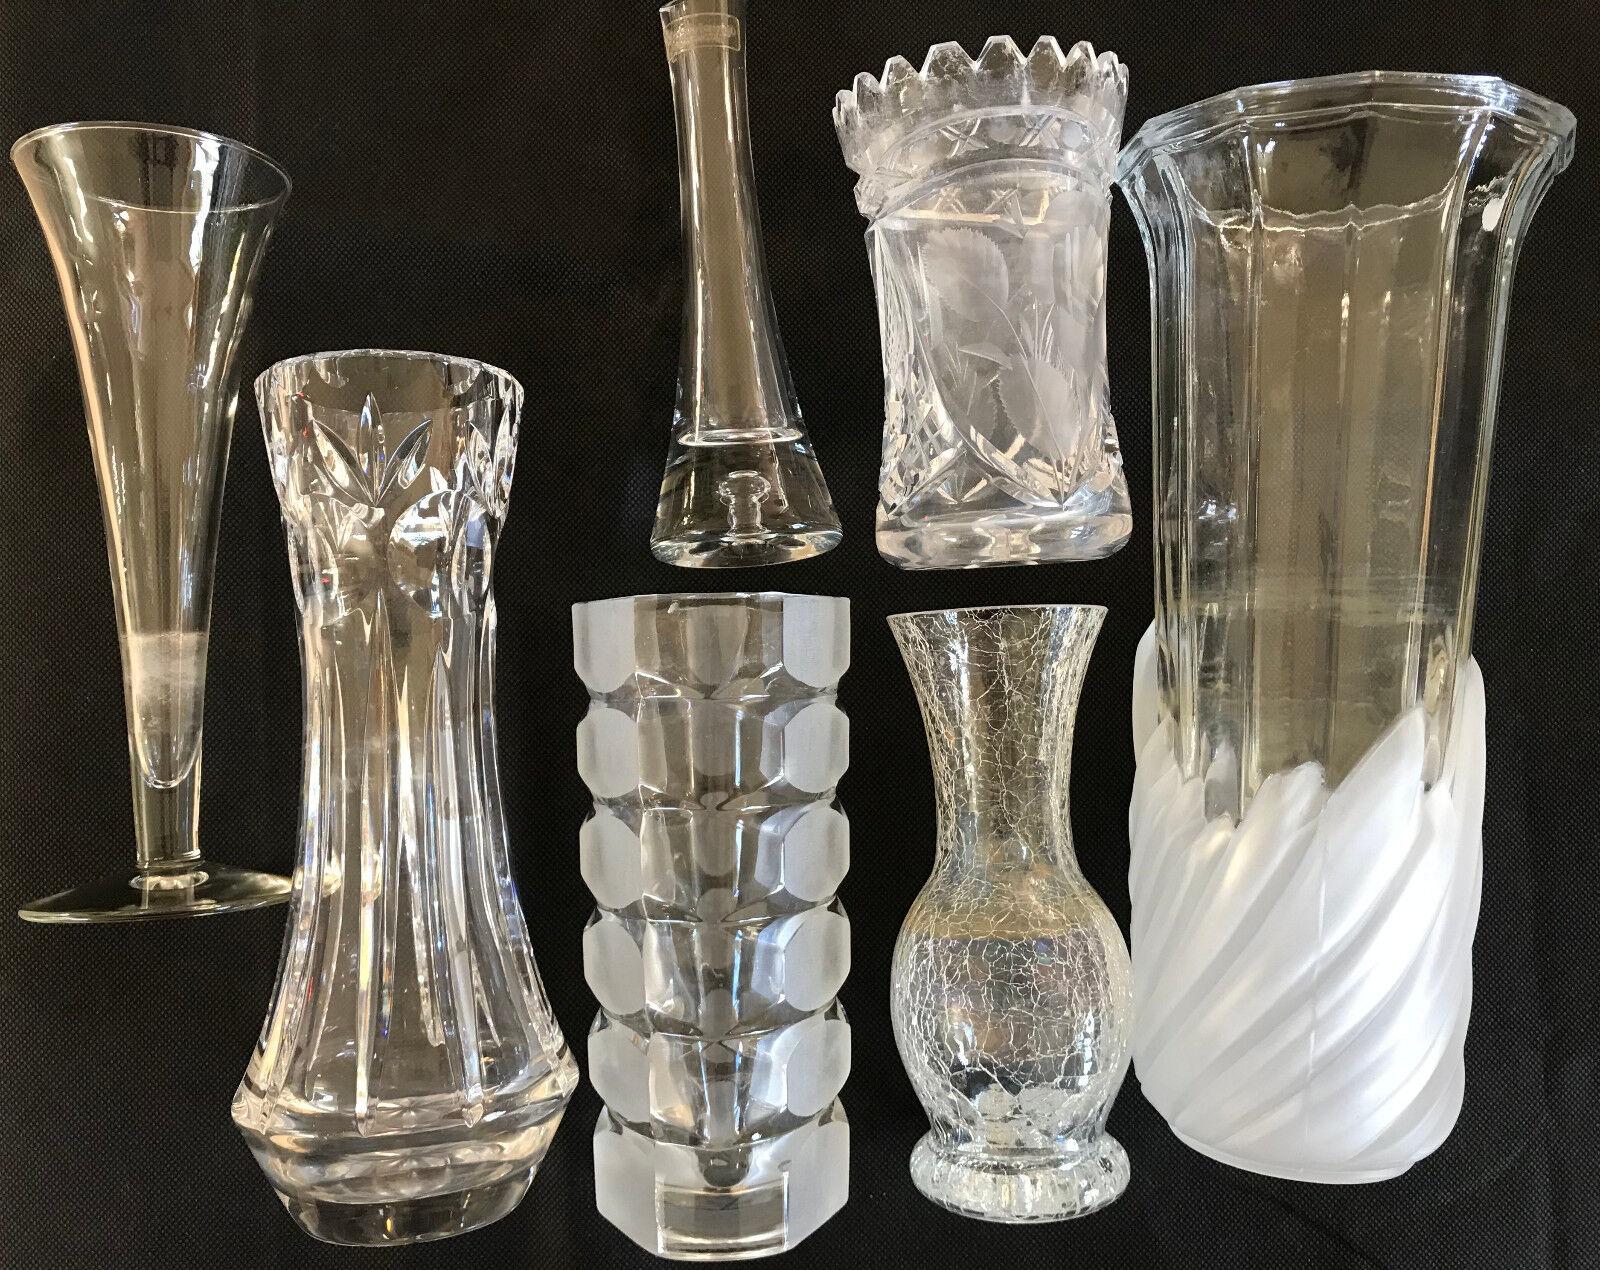 Colección de vidrio de edad cristal jarrones div tamaños & Designs 7 floreros 13-26,5cm